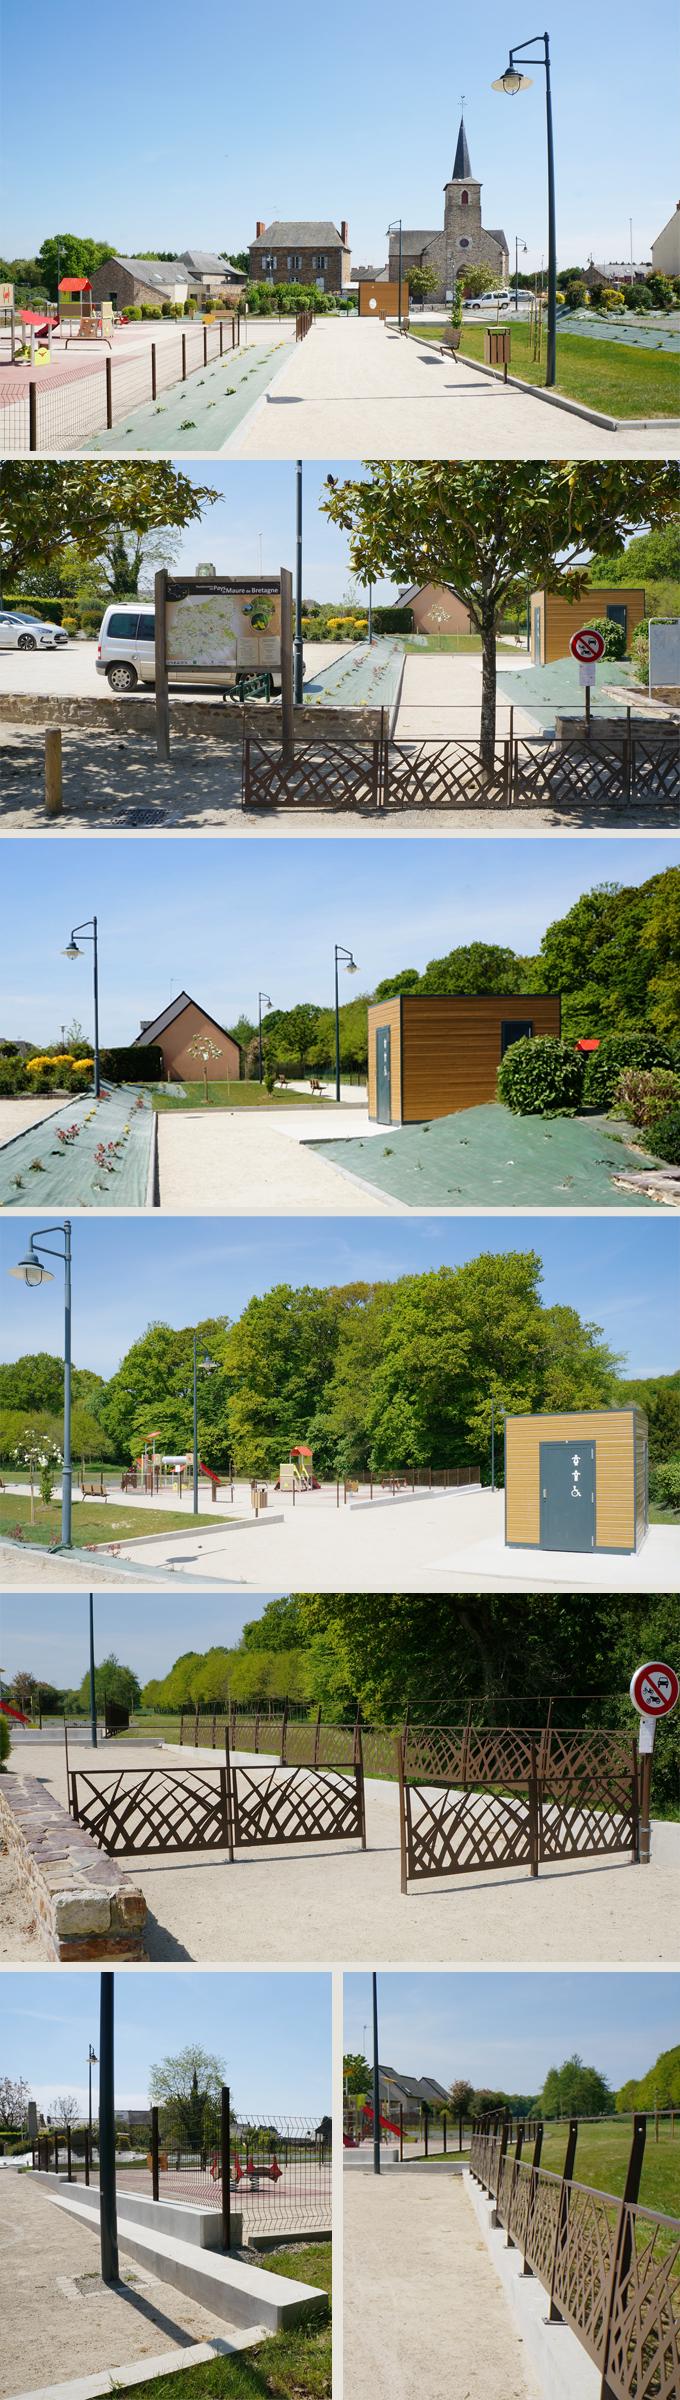 Aménagement paysager et aire de jeux en centre bourg; Mernel (35)